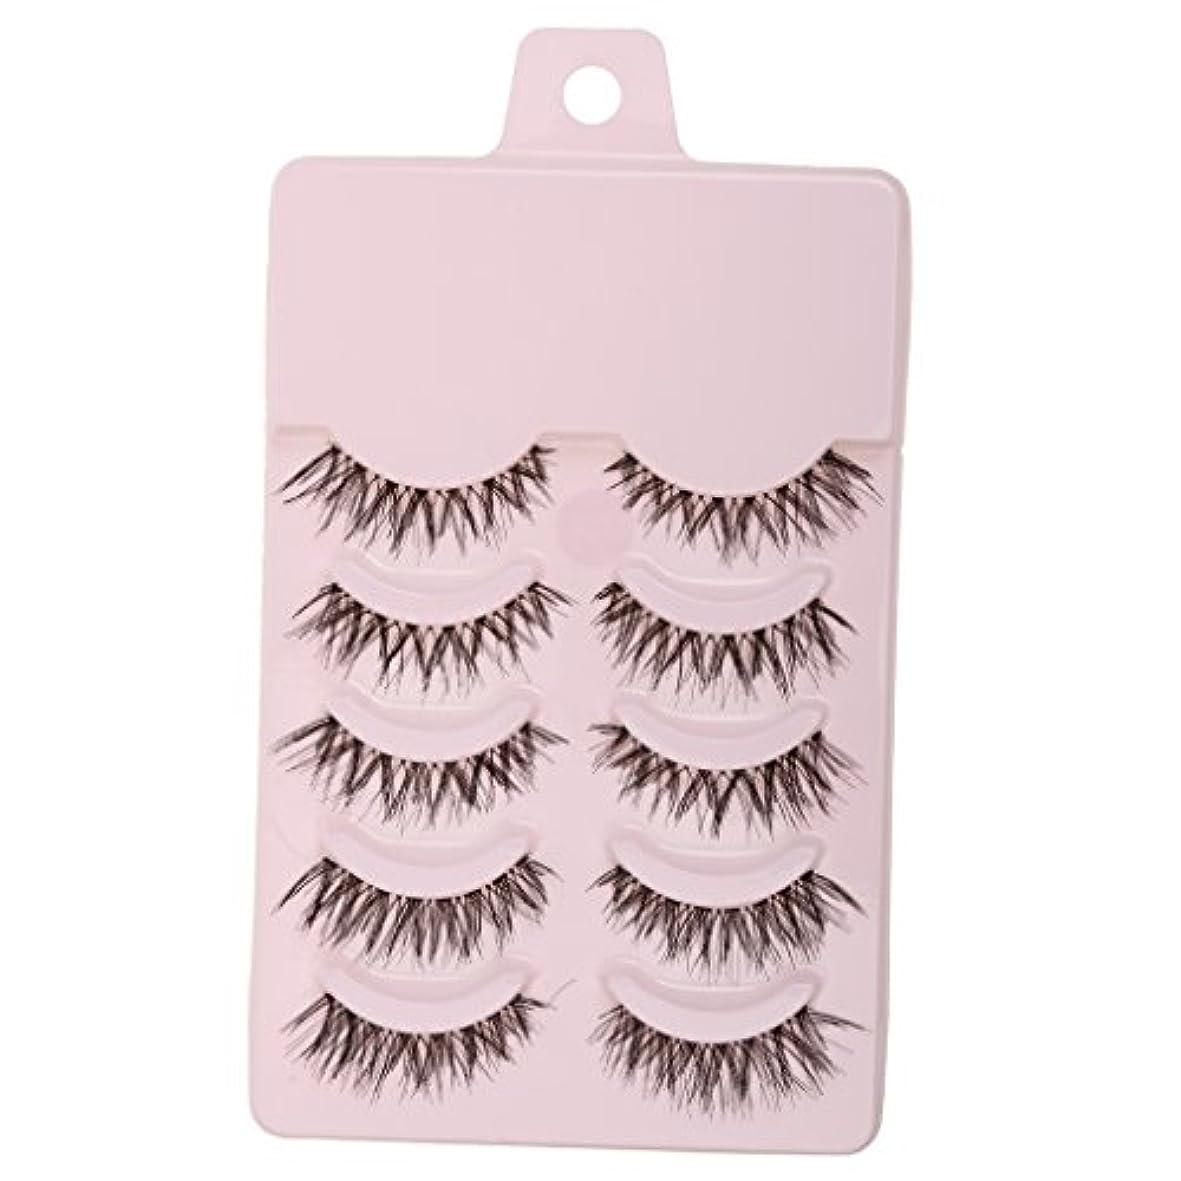 乱気流死の顎公平KOZEEY美容 メイク 手作り メッシー クロス スタイル つけまつげ 5色選ぶ - ピンク